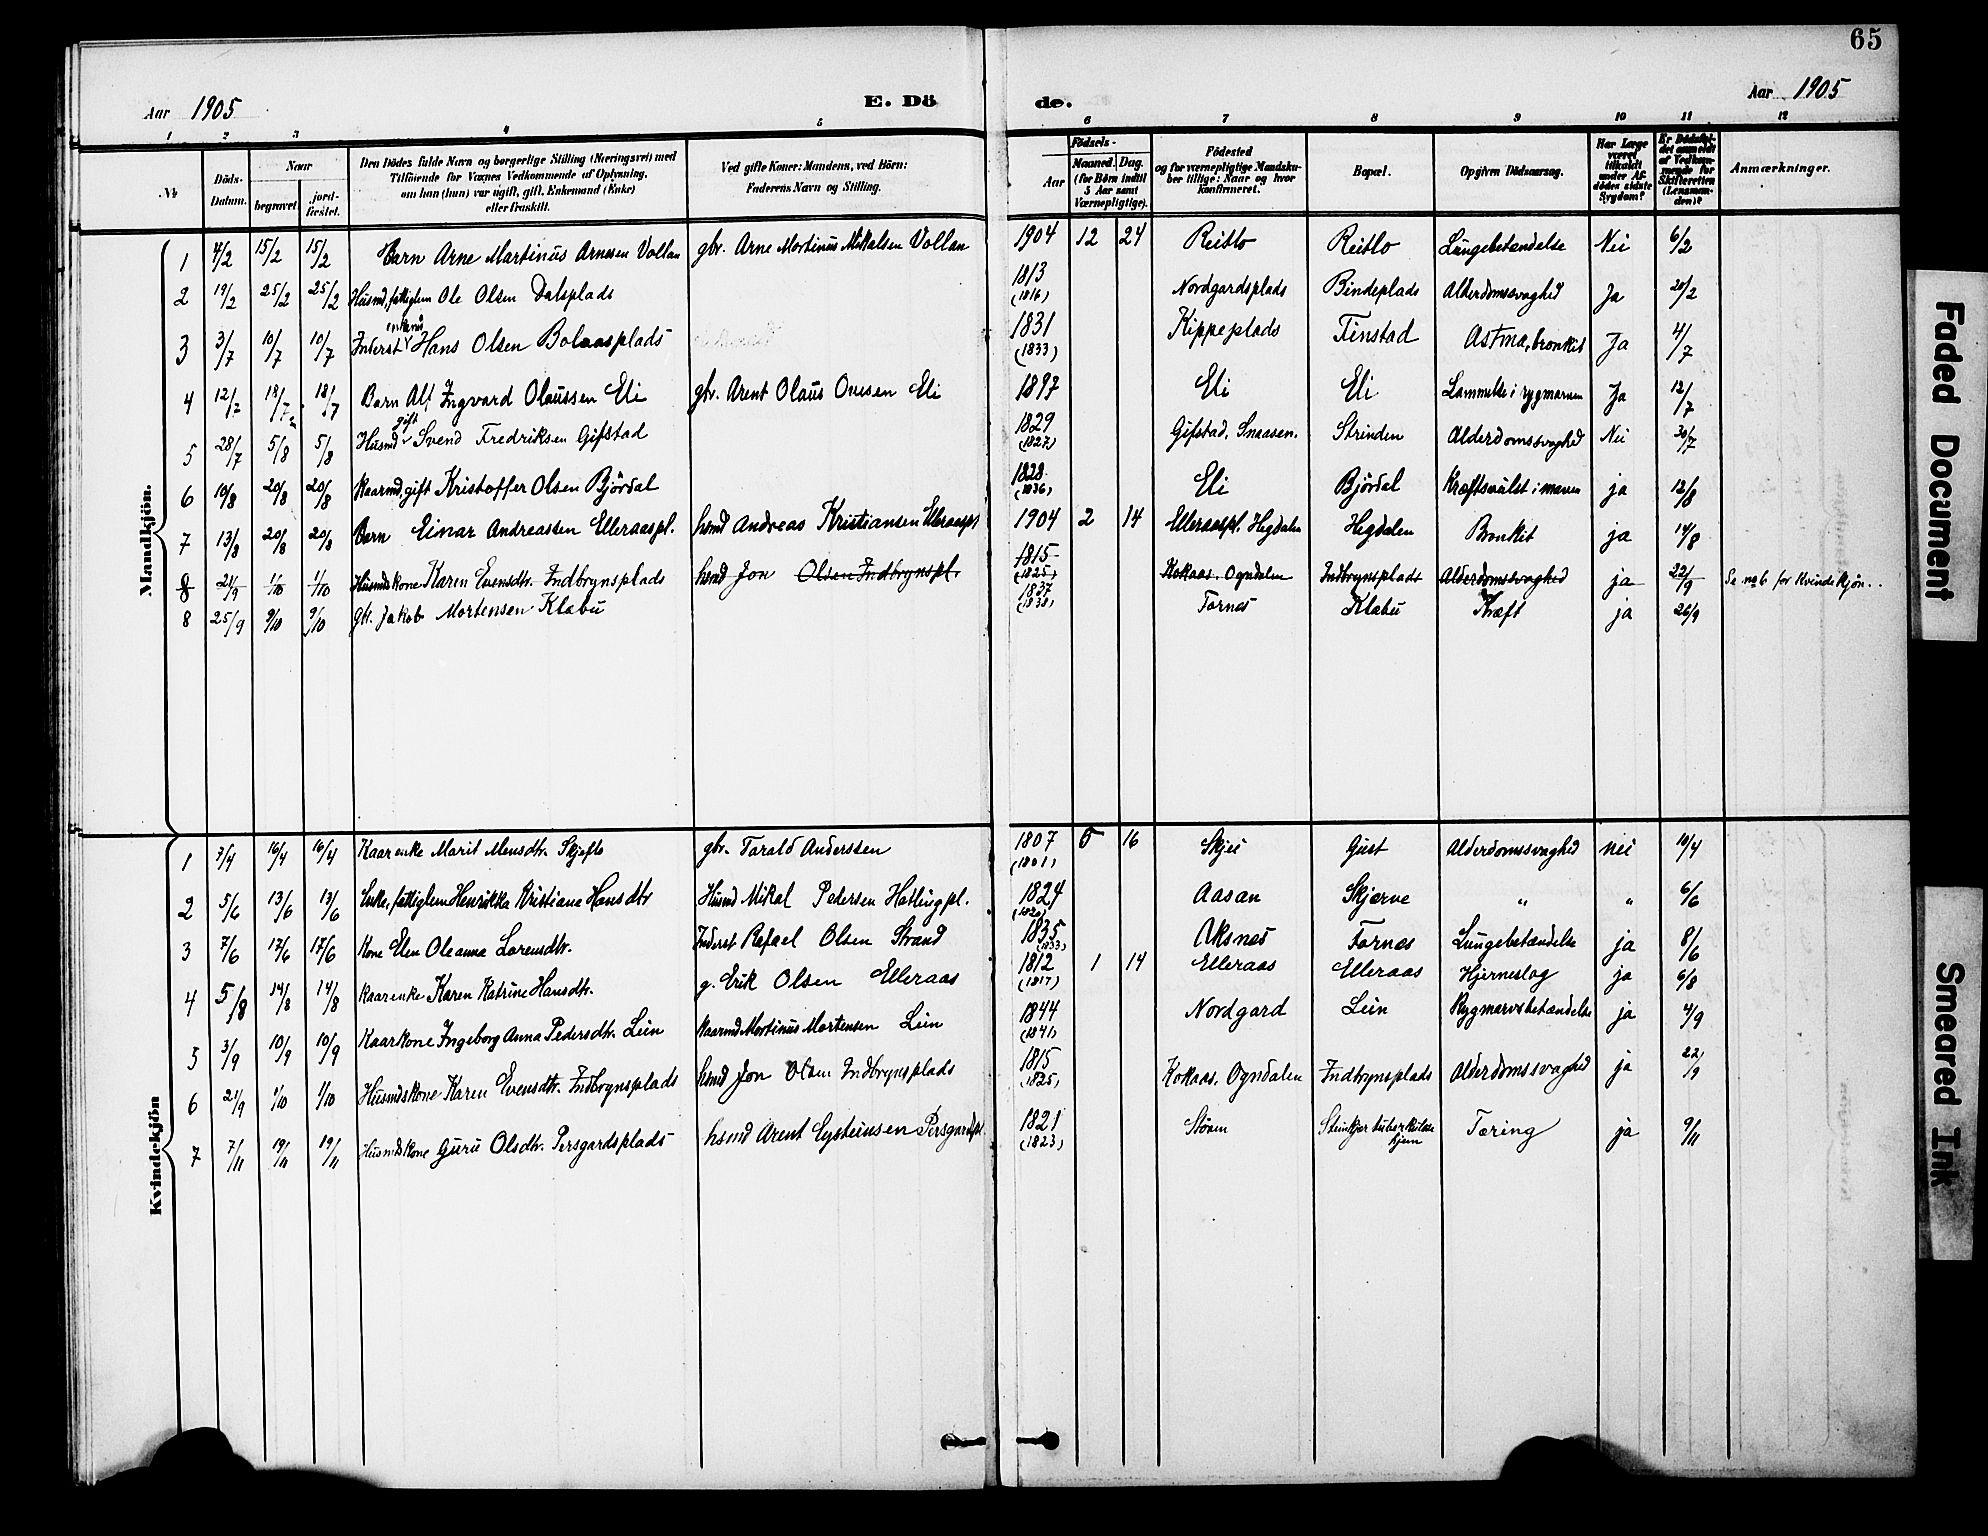 SAT, Ministerialprotokoller, klokkerbøker og fødselsregistre - Nord-Trøndelag, 746/L0452: Ministerialbok nr. 746A09, 1900-1908, s. 65